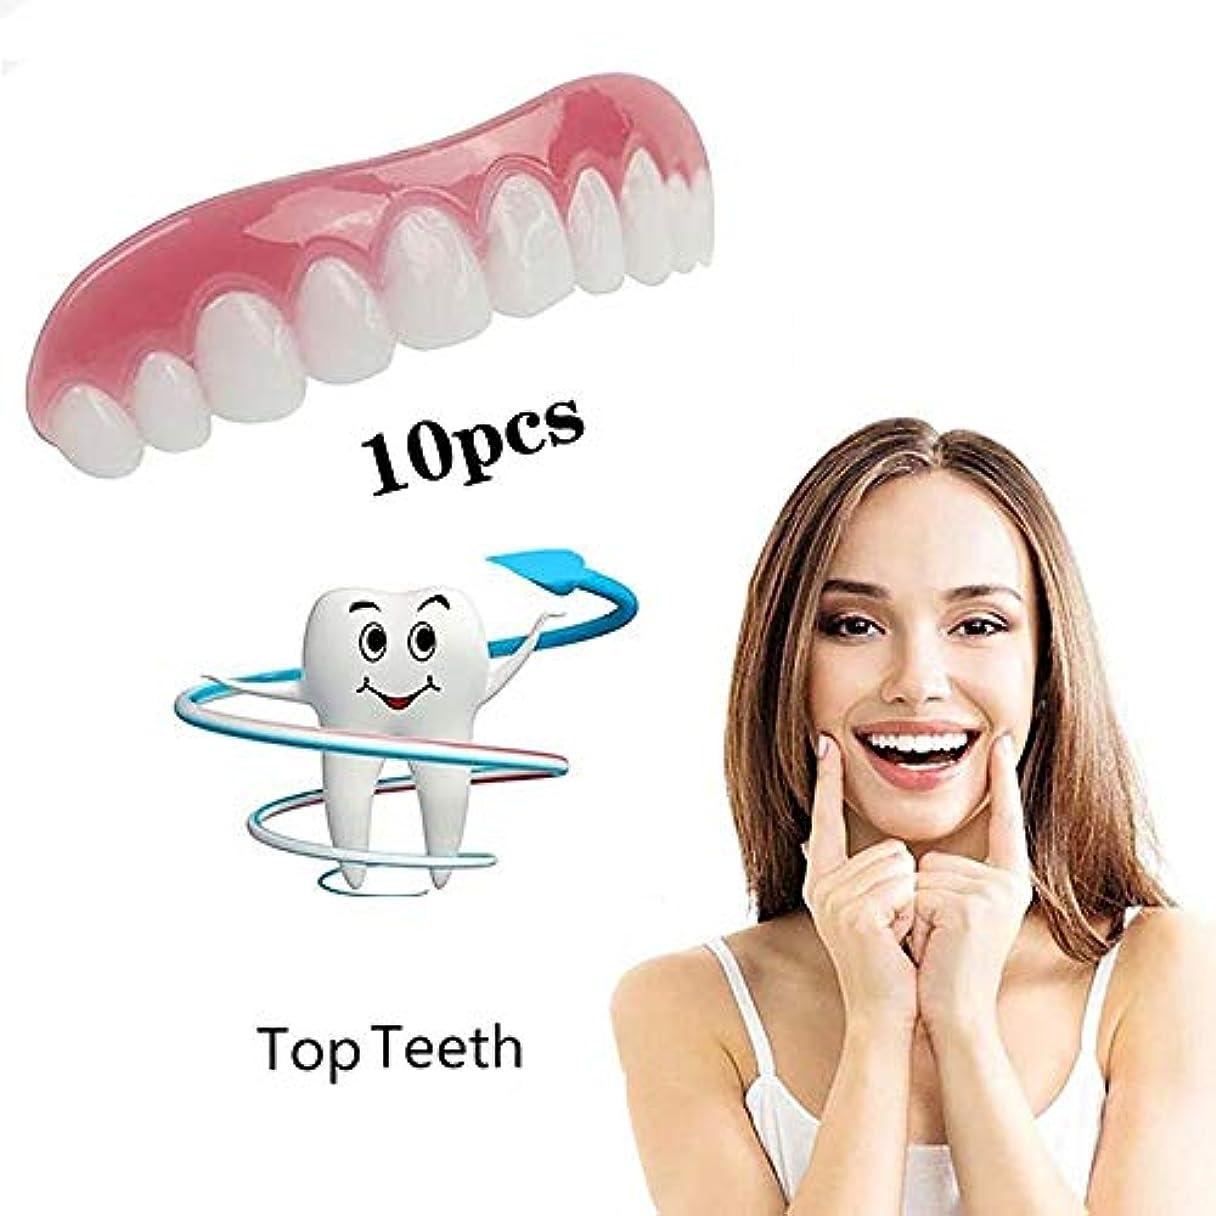 請求書大佐超えて10個偽の歯アッパー偽の偽の歯カバースナップオン即時の歯の化粧品義歯のケアオーラルケアシリコーンホワイトニング義歯